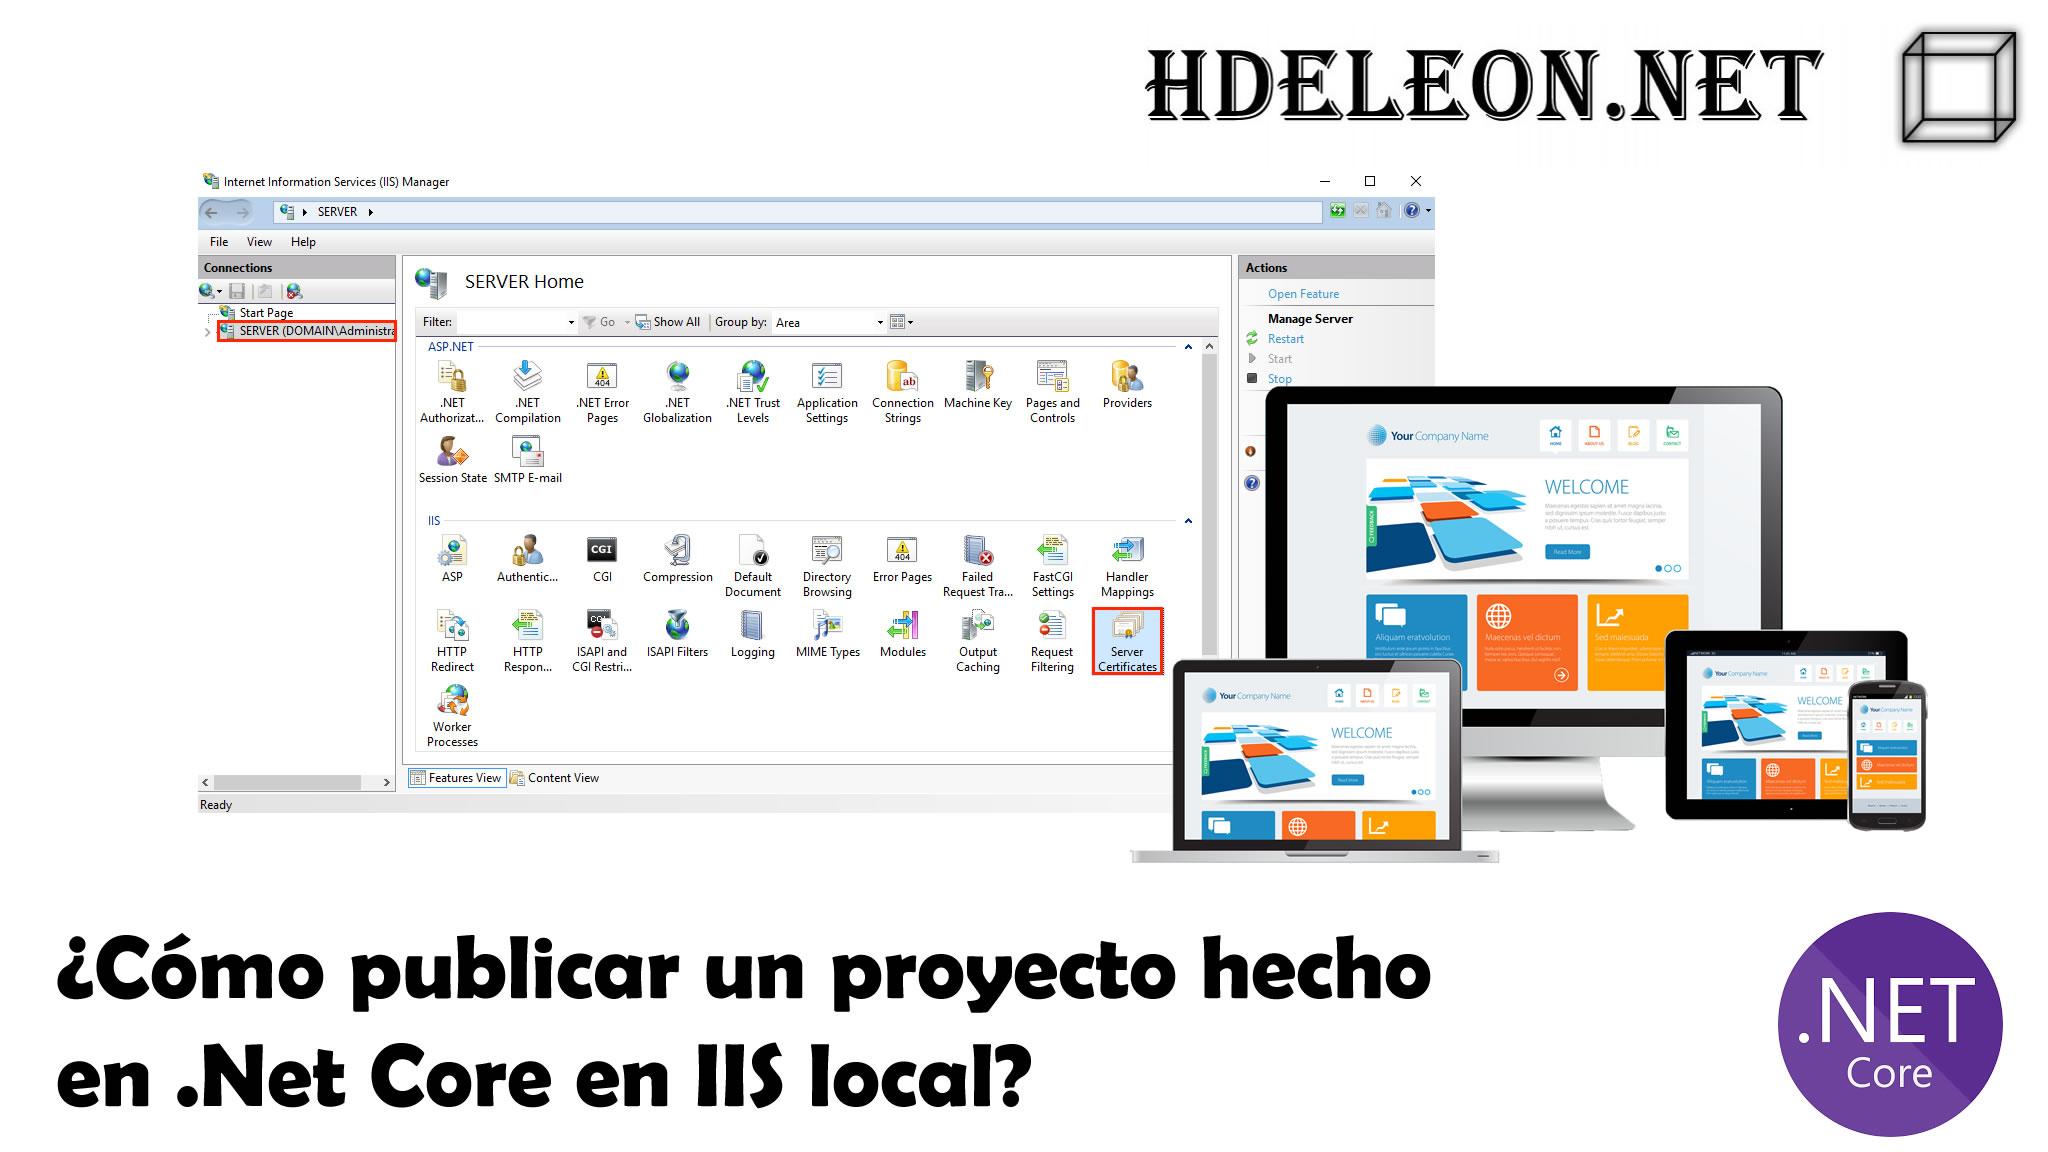 ¿Cómo publicar un sitio hecho en .Net Core en IIS local?